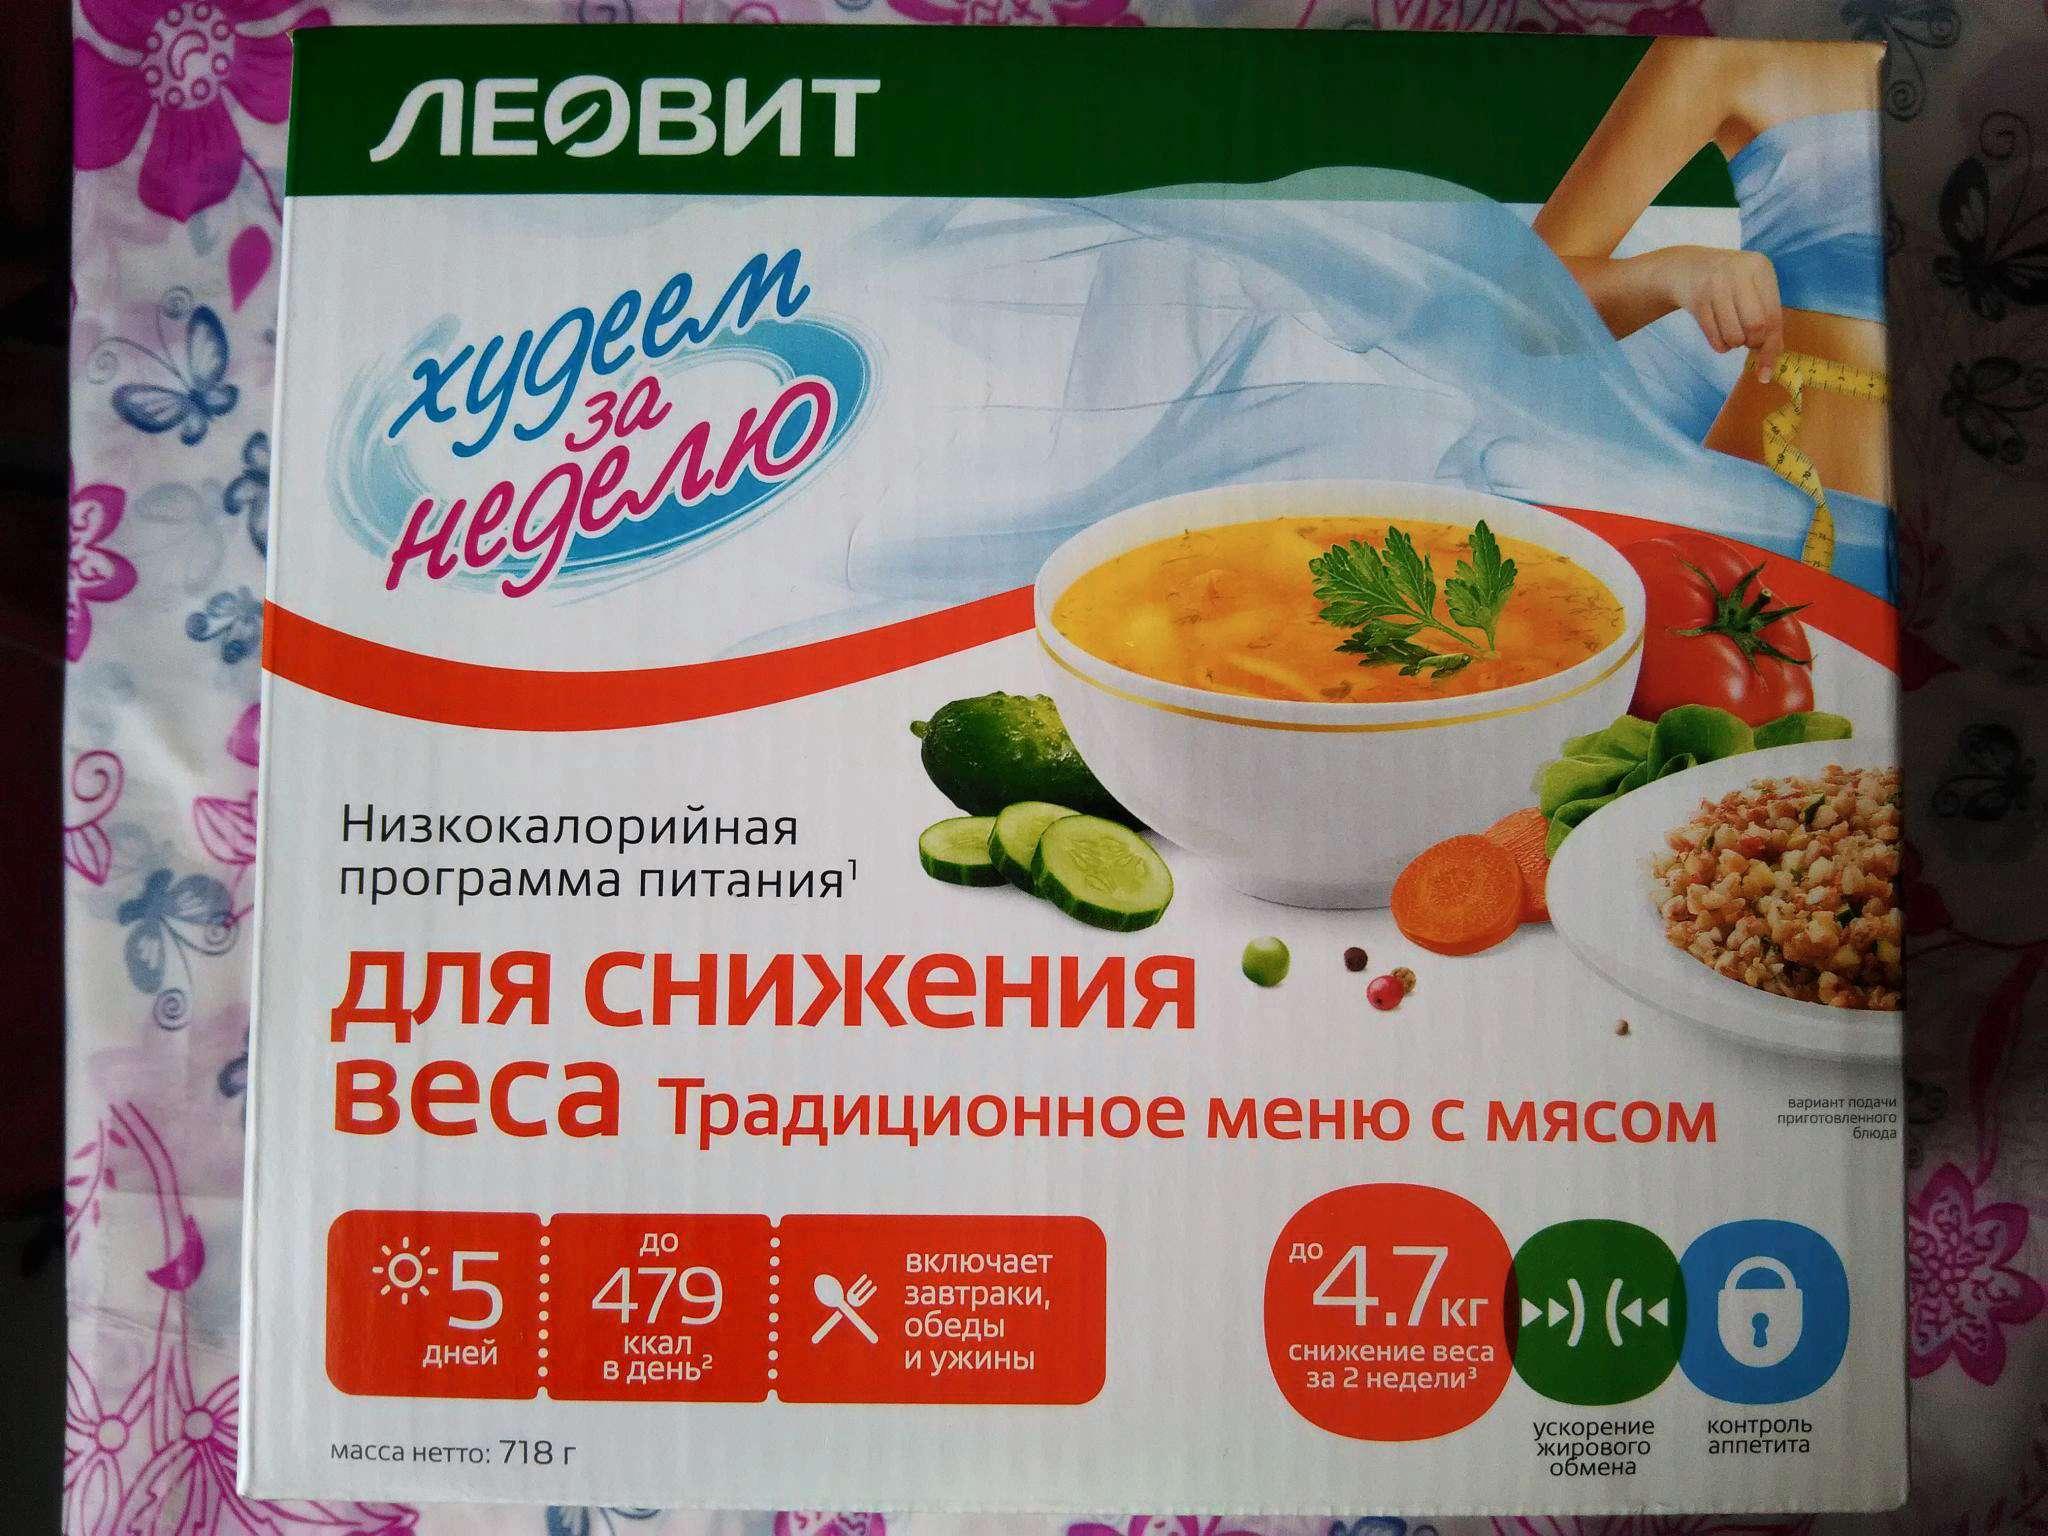 7b2cea470c52 Программа питания ЛЕОВИТ Худеем за неделю Традиционное меню с мясом ...